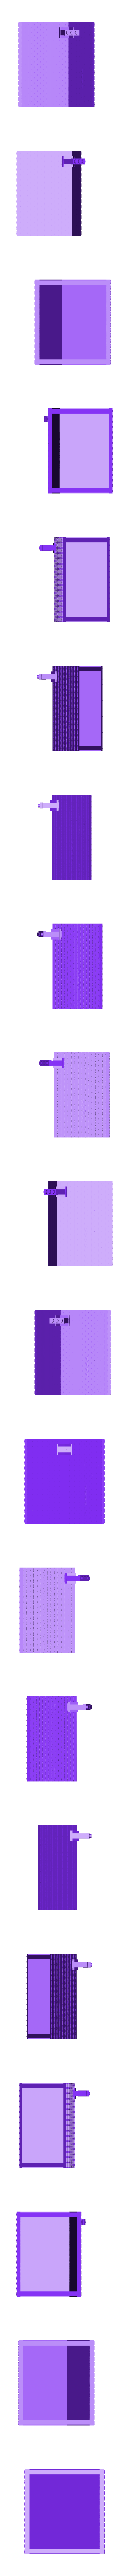 tudor_house_RF_v2.stl Télécharger fichier STL gratuit Maison de Wargaming à deux étages, style Tudor • Modèle pour imprimante 3D, Wrecker